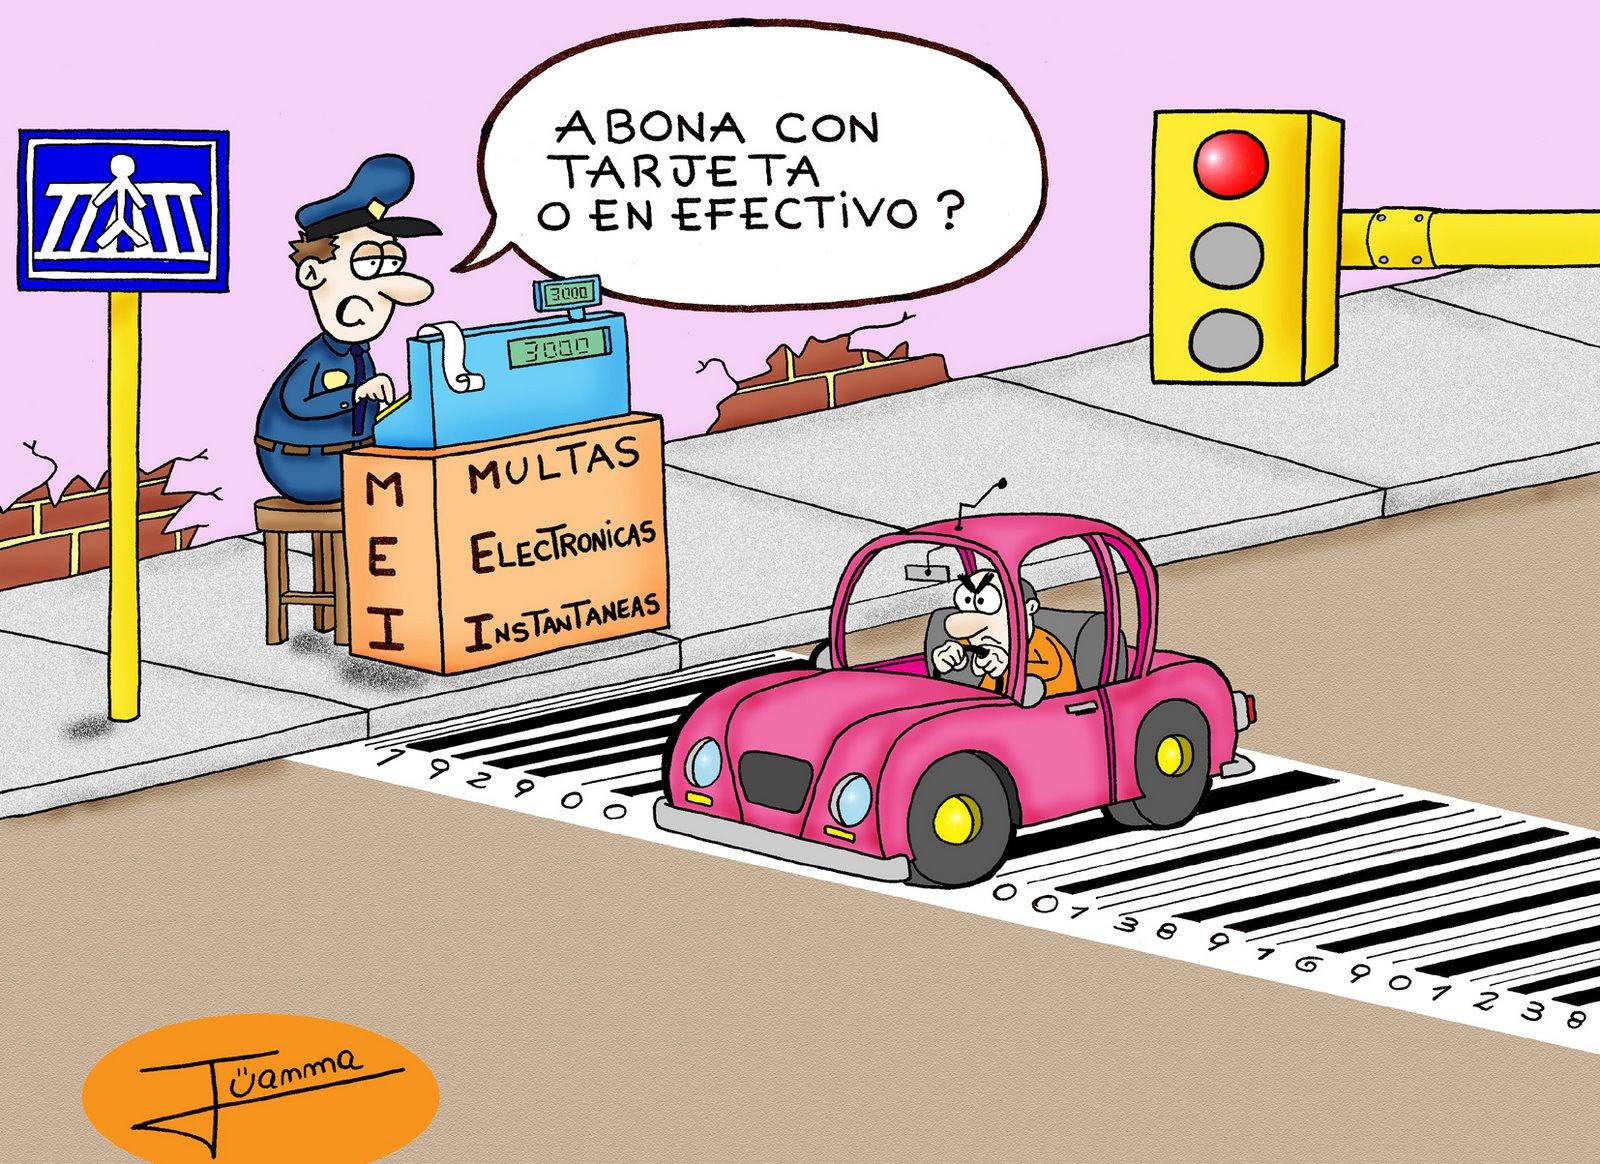 Juanma Humor: Concurso de Educacion vial